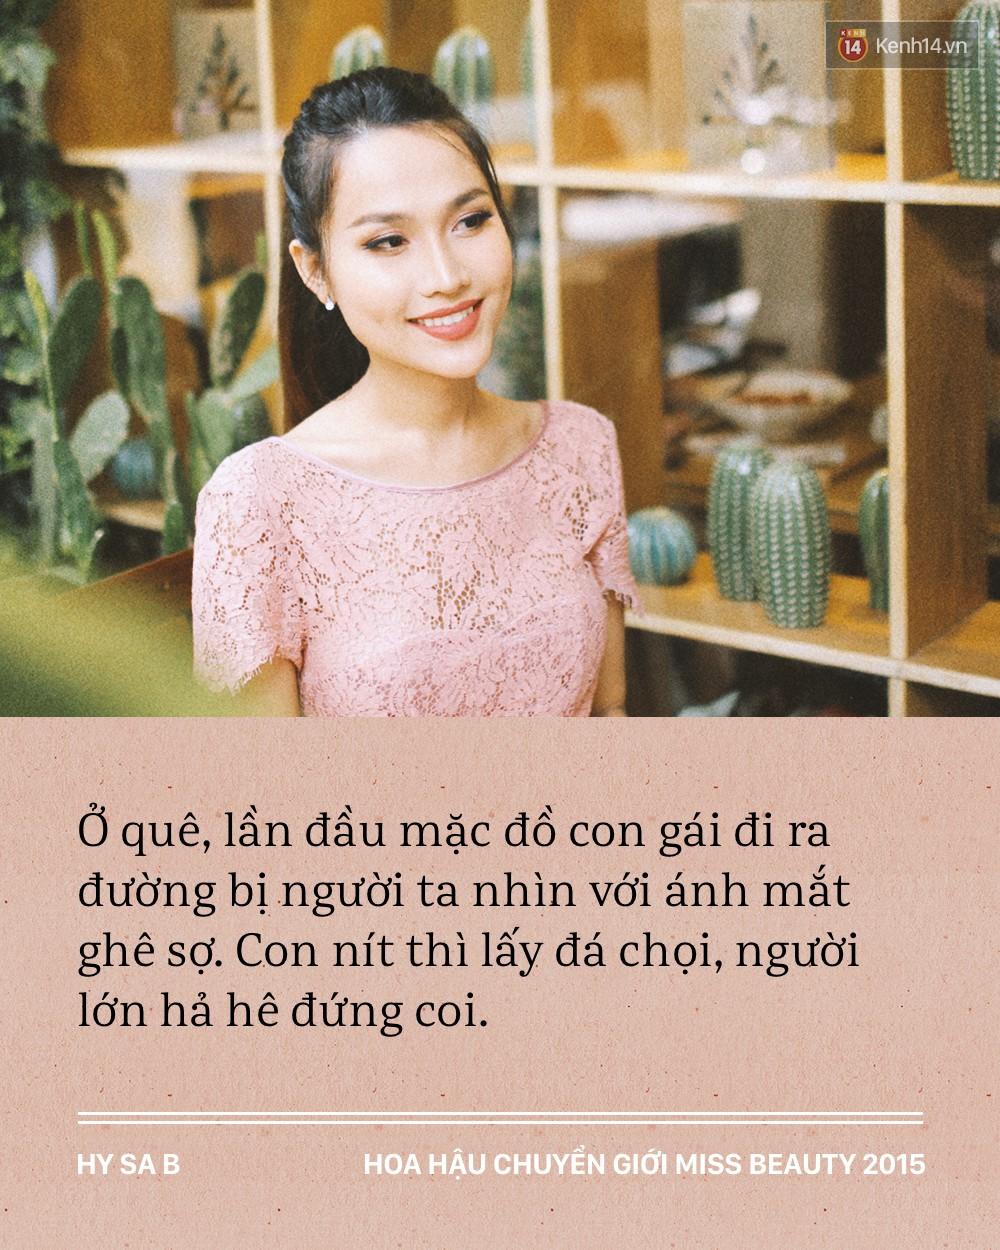 Hoa hậu chuyển giới Việt Nam đầu tiên sau hơn 2 năm đăng quang: Ai cũng nghĩ sau Miss Beauty thì đời mình lên mây - Ảnh 8.